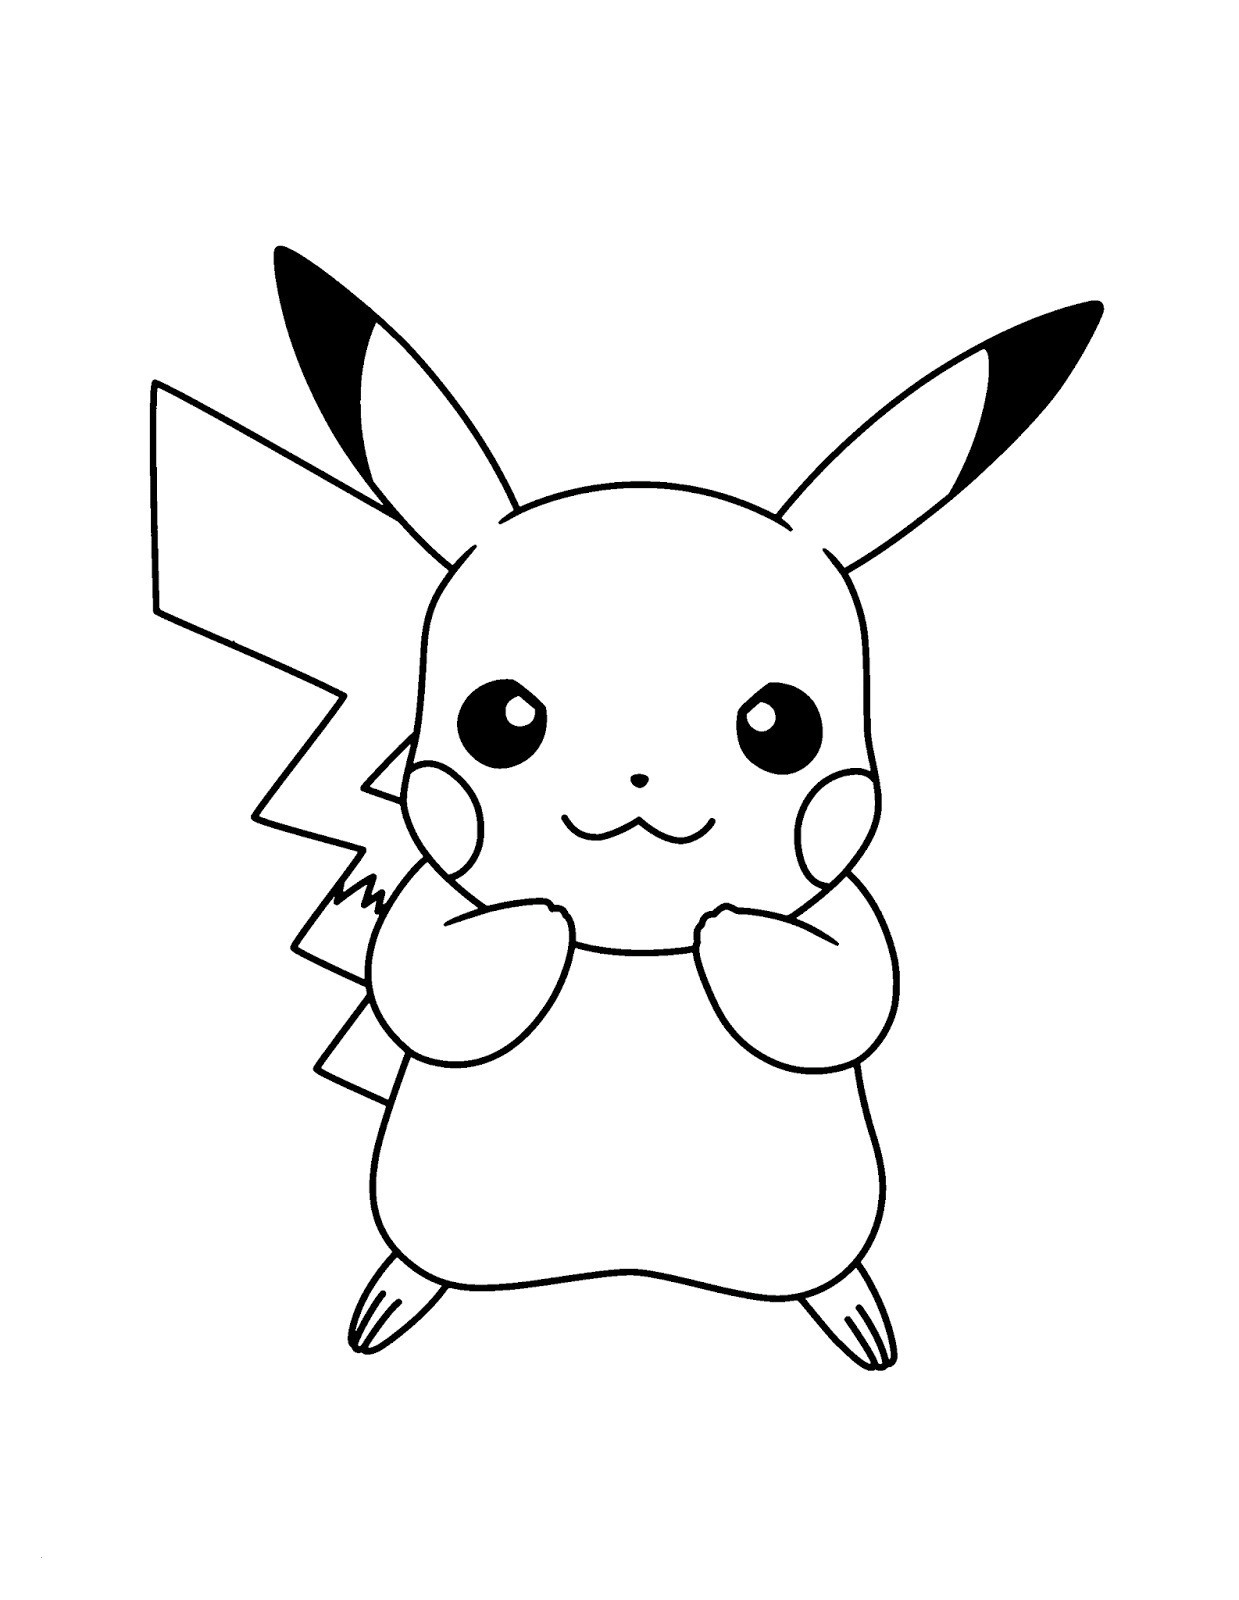 Frohe Ostern Bilder Zum Ausmalen Neu Malvorlagen Ostern Kostenlos Ausdrucken Luxus Pikachu Ausmalbild Fotos